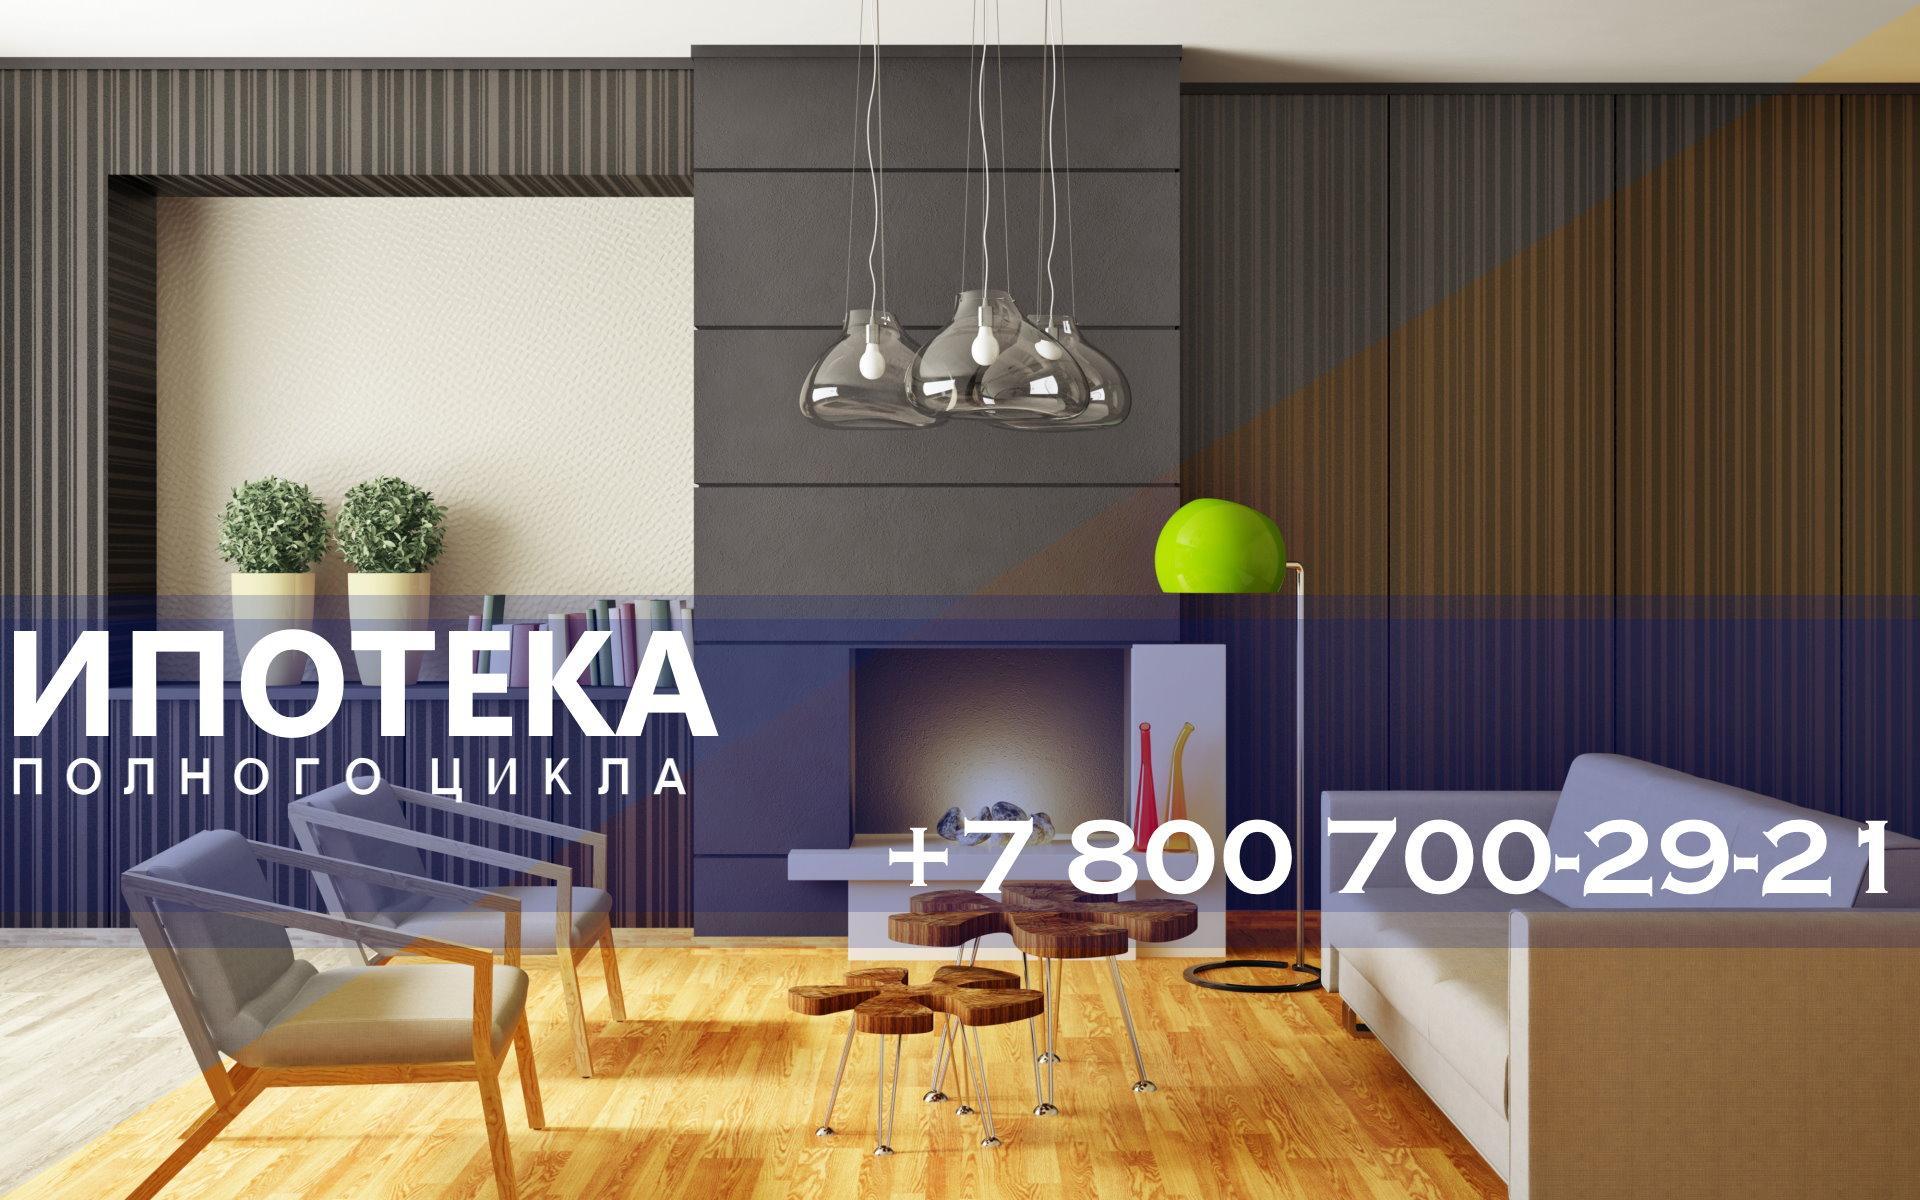 Взять ипотеку под залог приобретаемого жилья